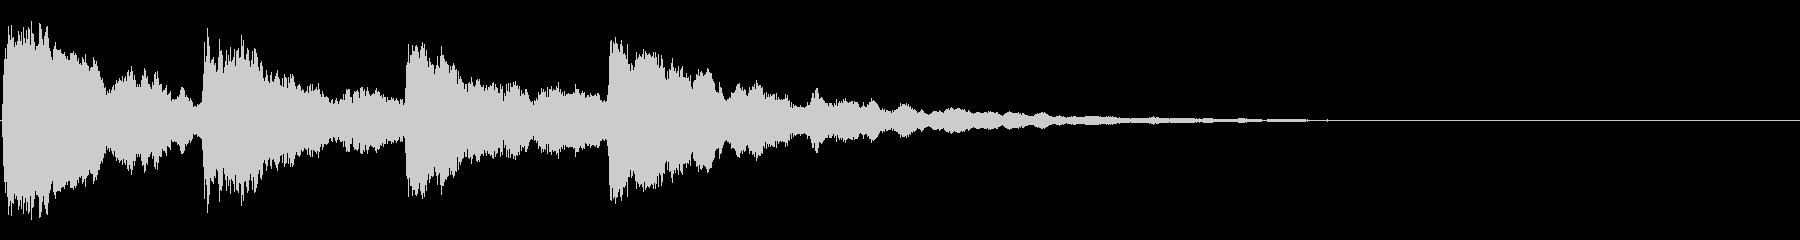 ピンポンパンポン02-3の未再生の波形